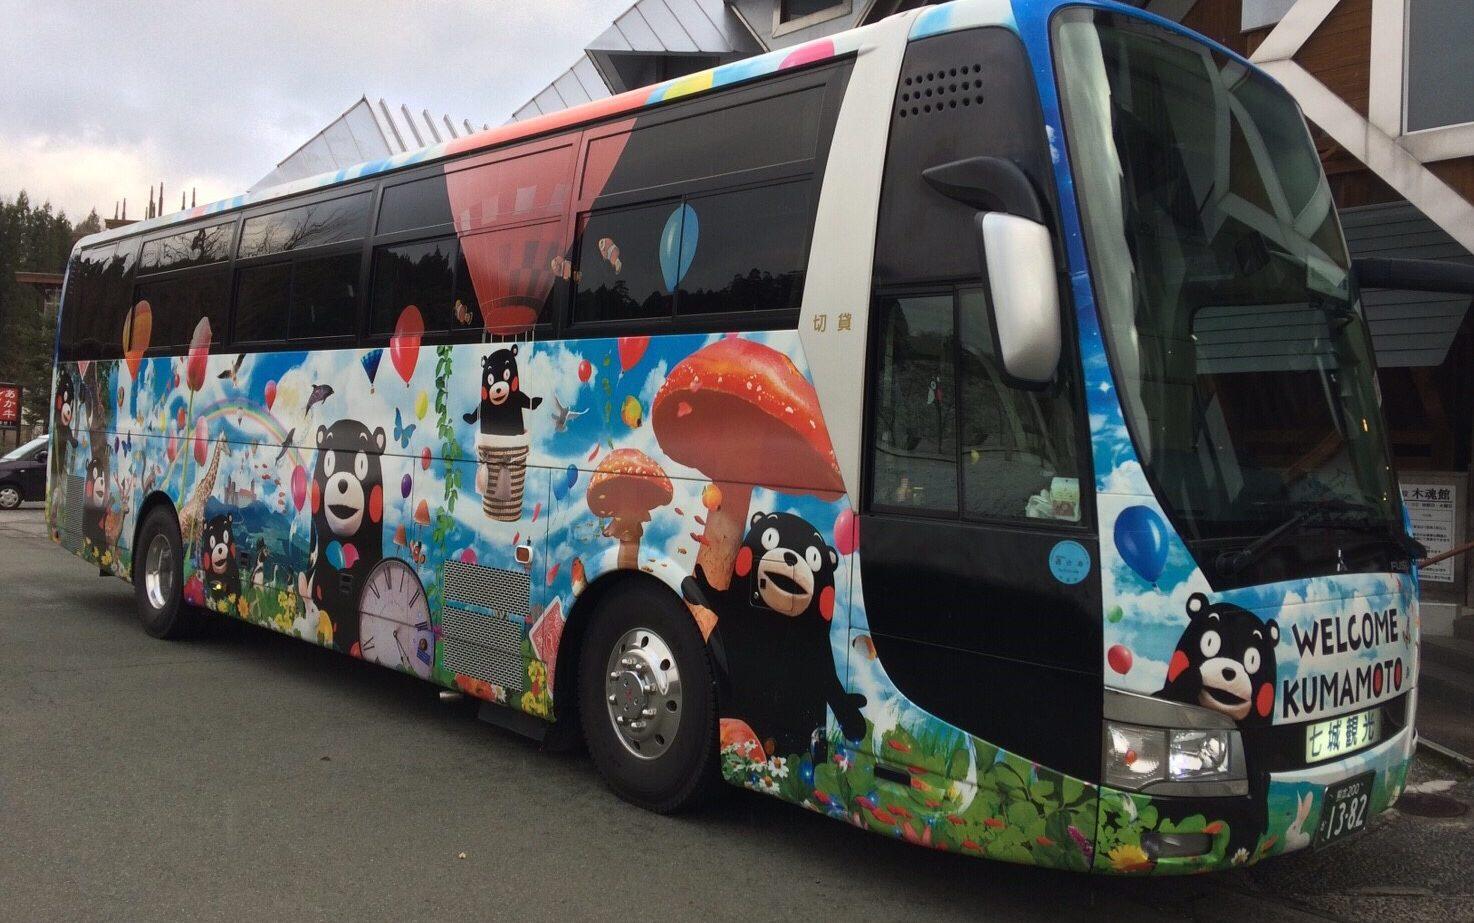 【七城観光くまモンバス】くまモンだらけのバスで団体旅行に行こう!